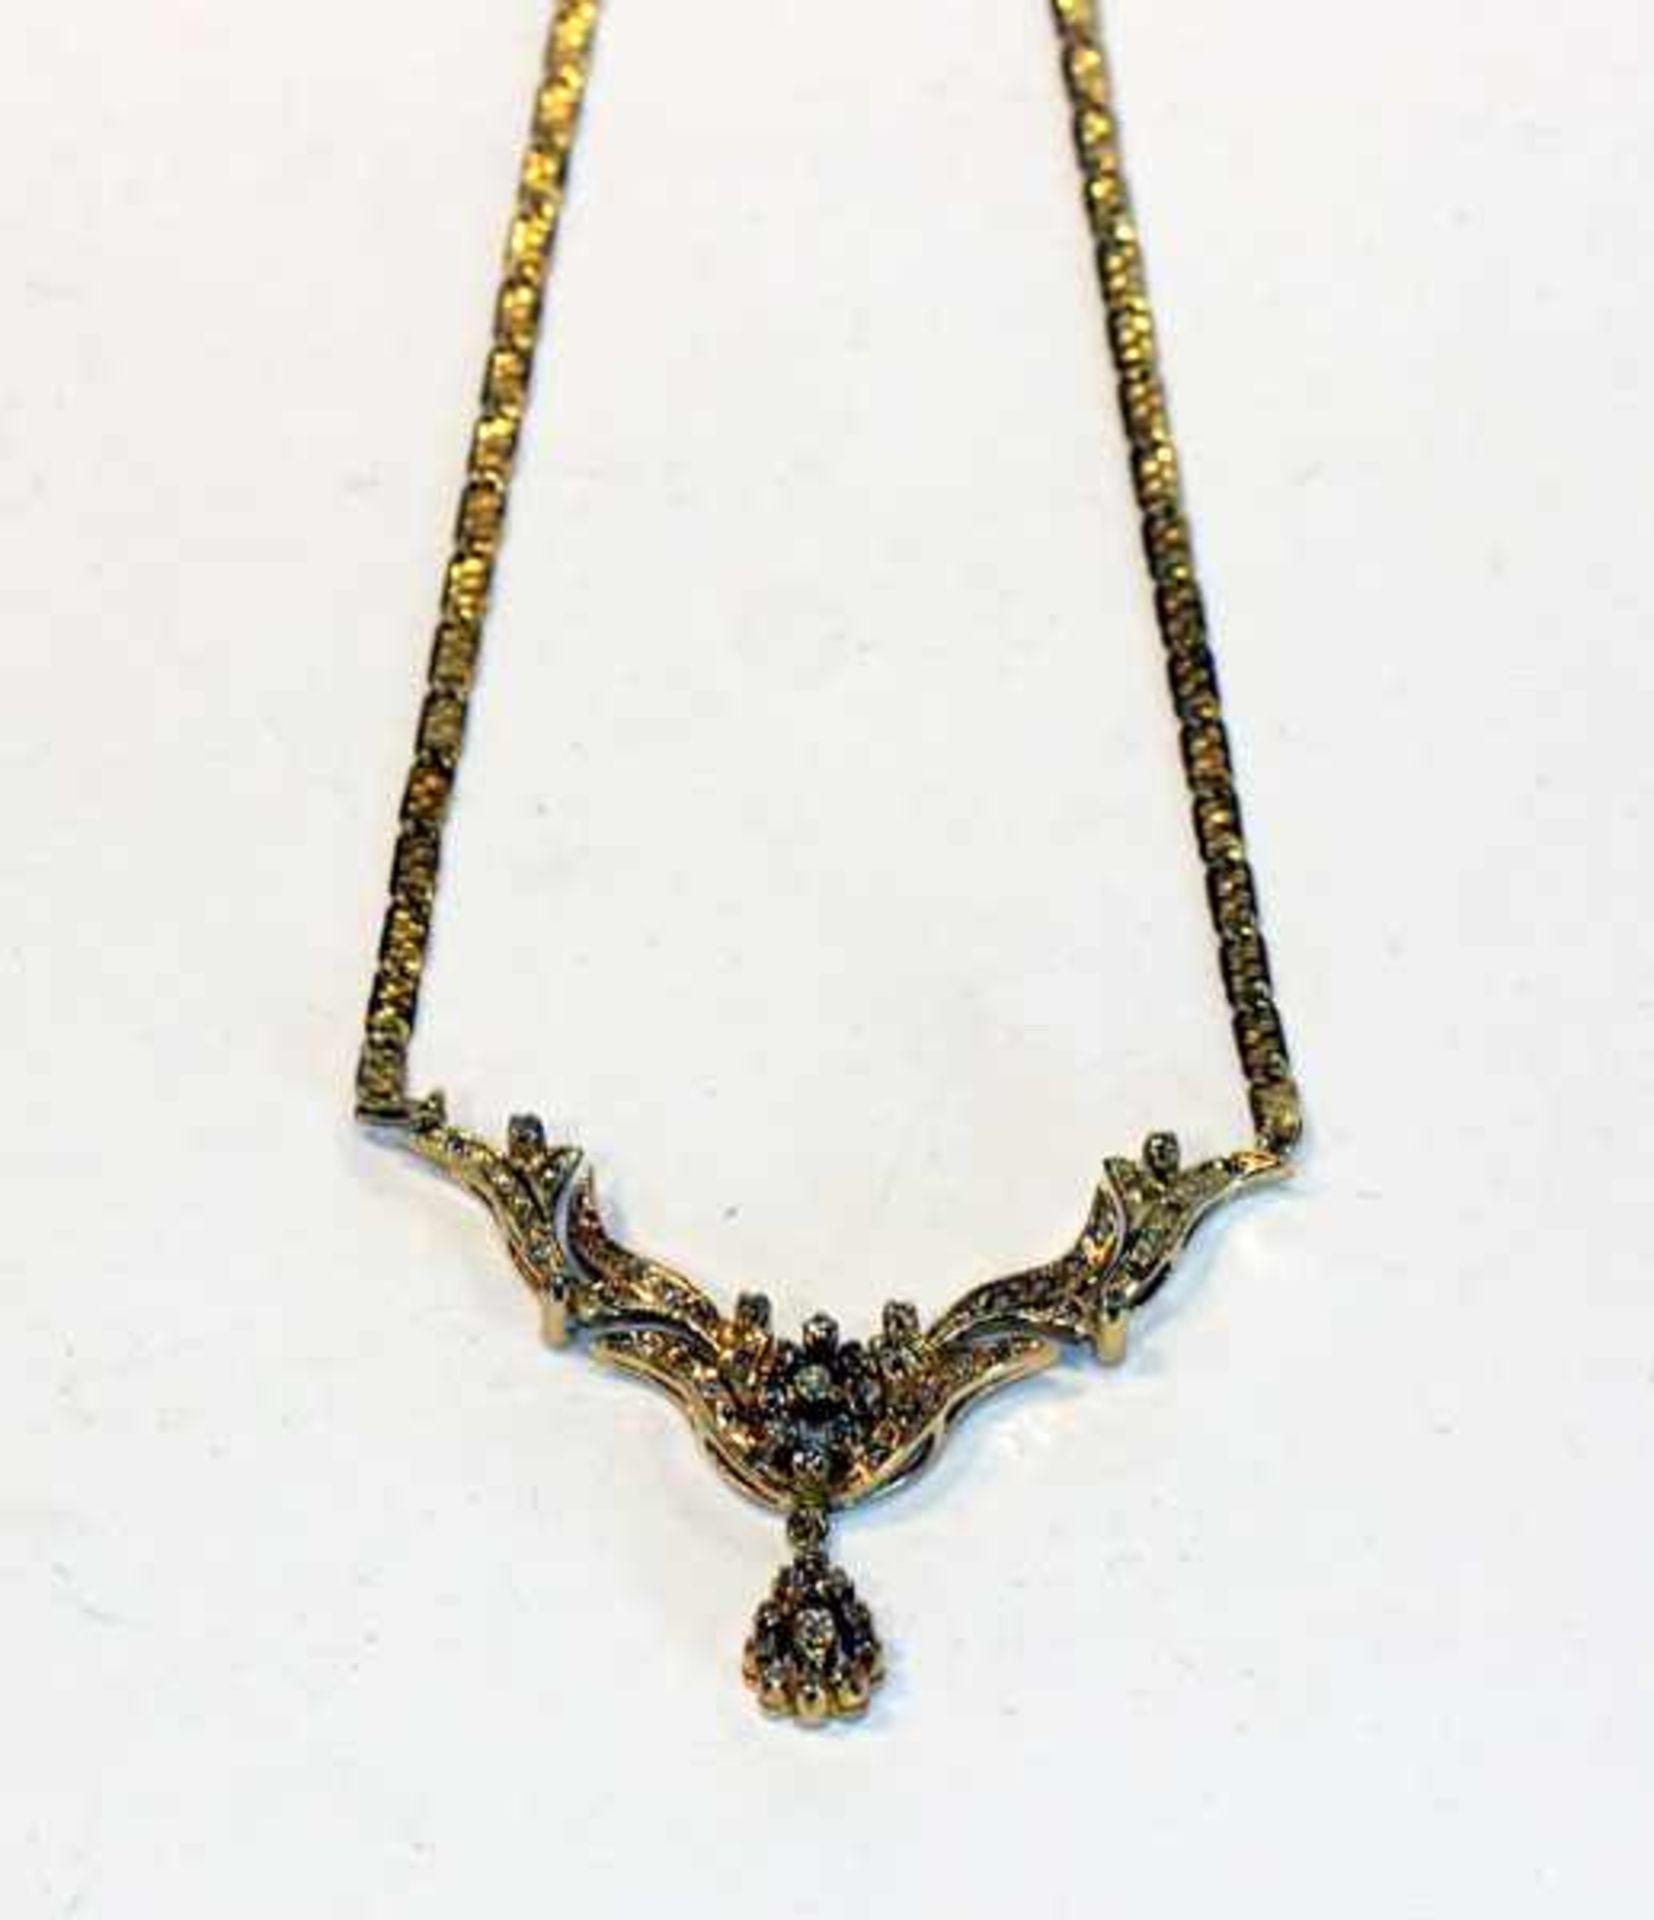 Los 59 - 14 k Gelbgold Collier, Mittelteil mit Diamanten ausgefaßt, 19 gr., L 40 cm, feine Handarbeit